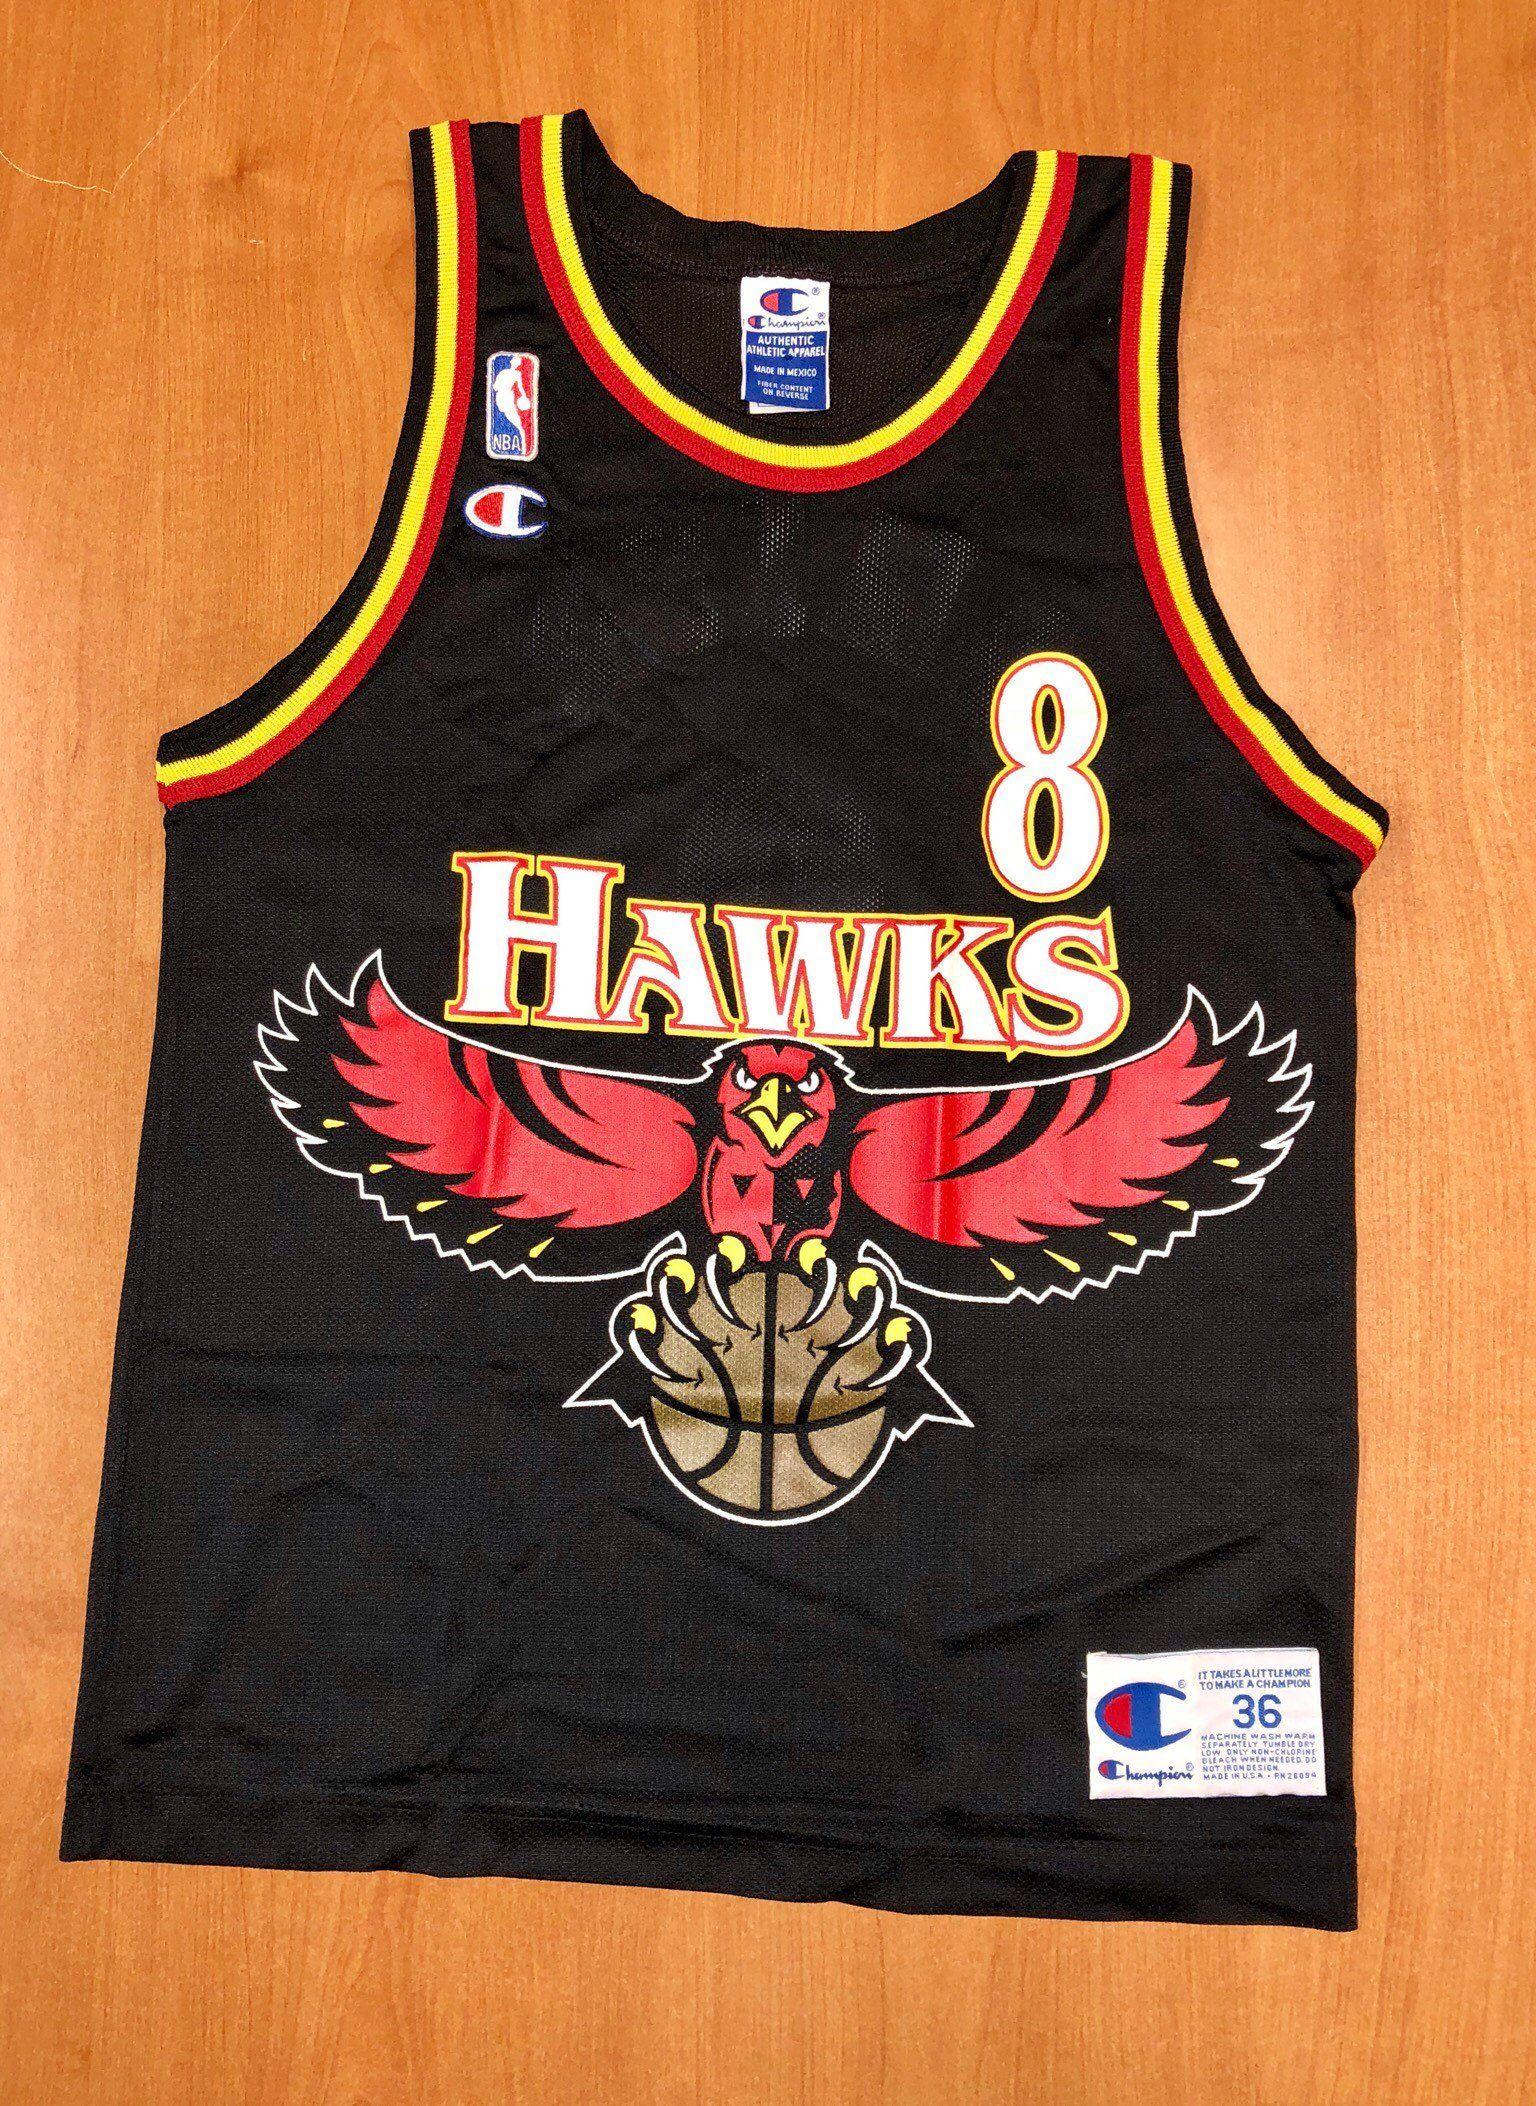 9d5de5705 Vintage 1996 - 1998 Steve Smith Atlanta Hawks Champion Jersey Size 36  dominique wilkins dikembe mutombo christian laettner mookie blaylock by ...